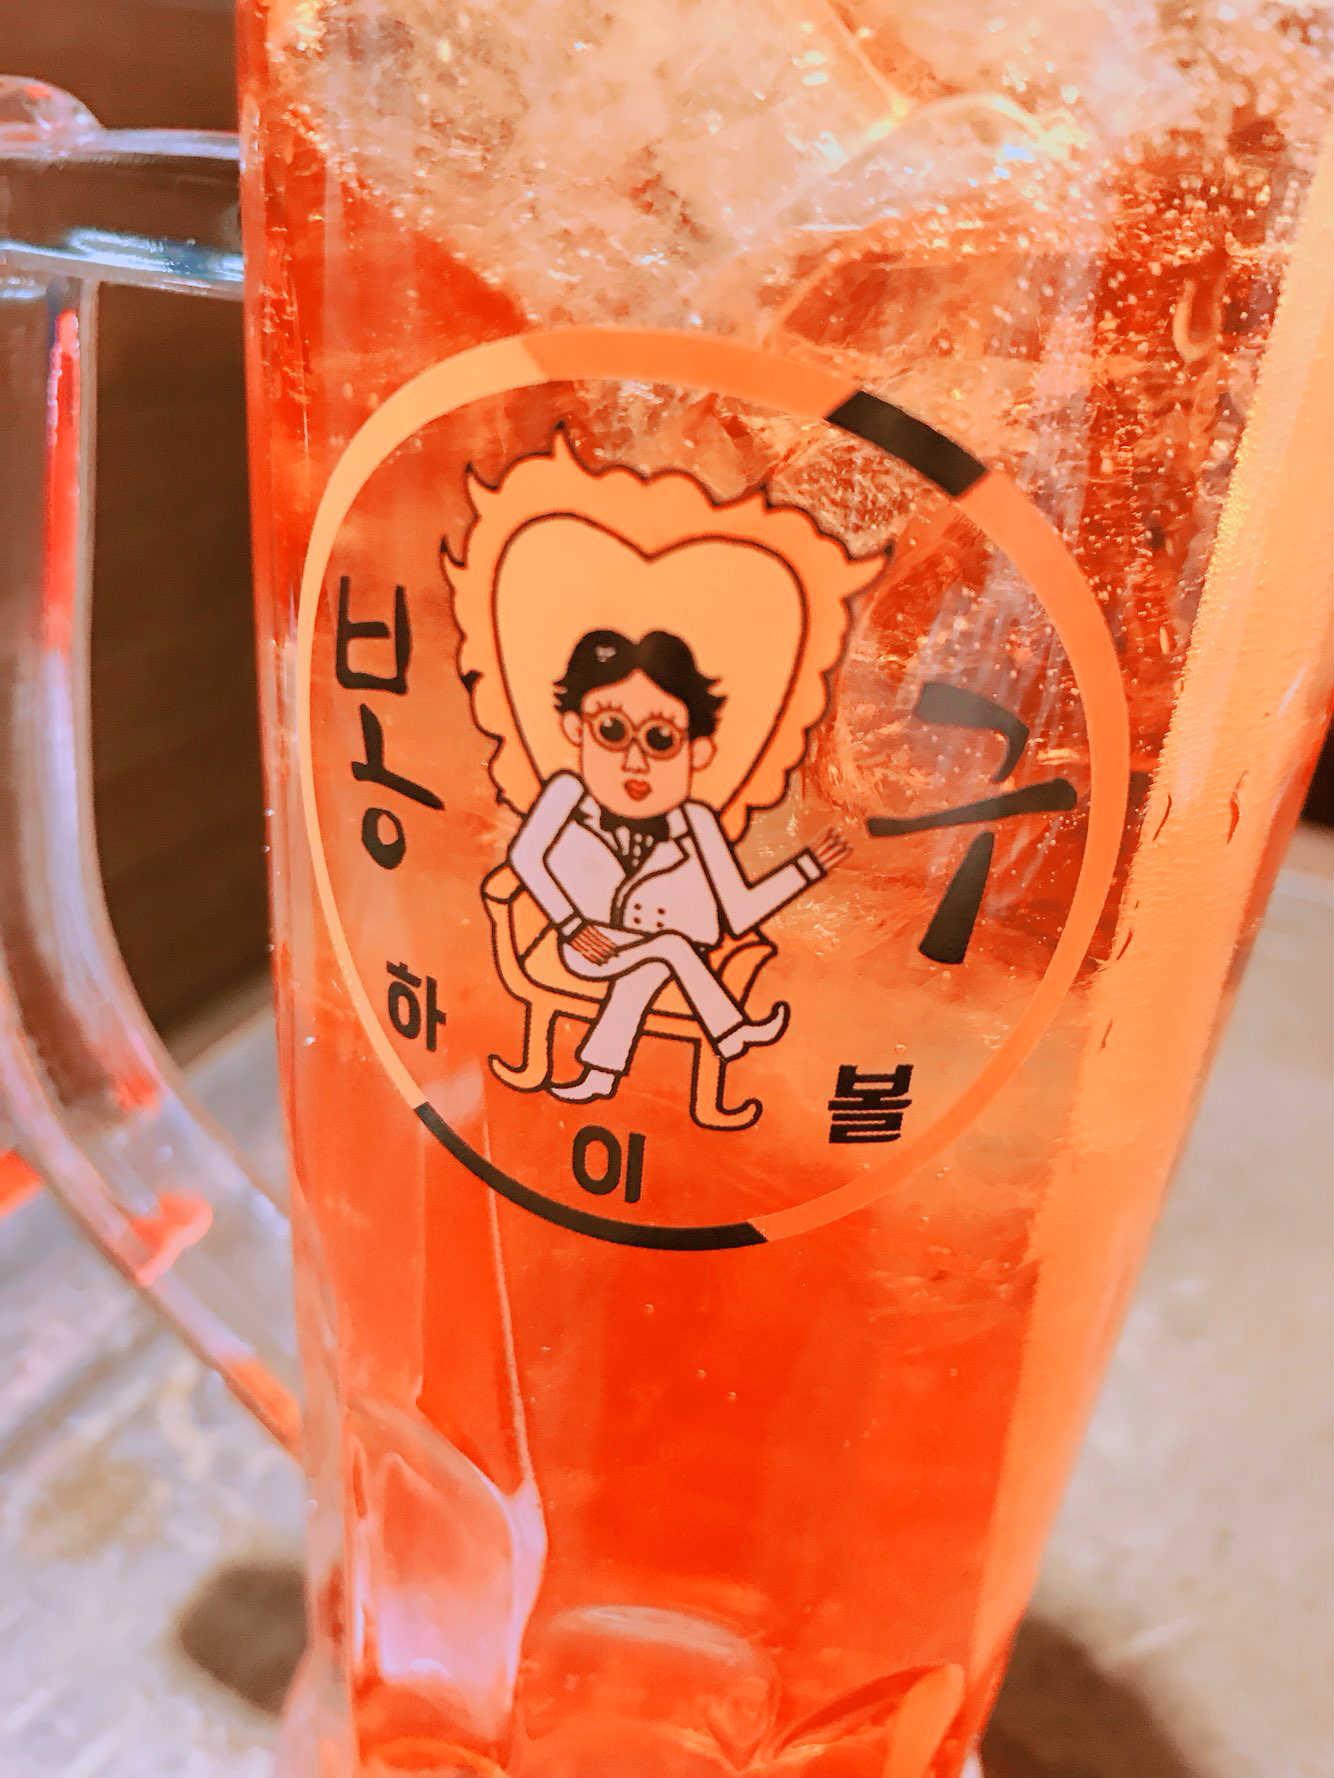 就連啤酒杯上也印有各式卡通人物像,喝酒時也多了另一種樂趣。